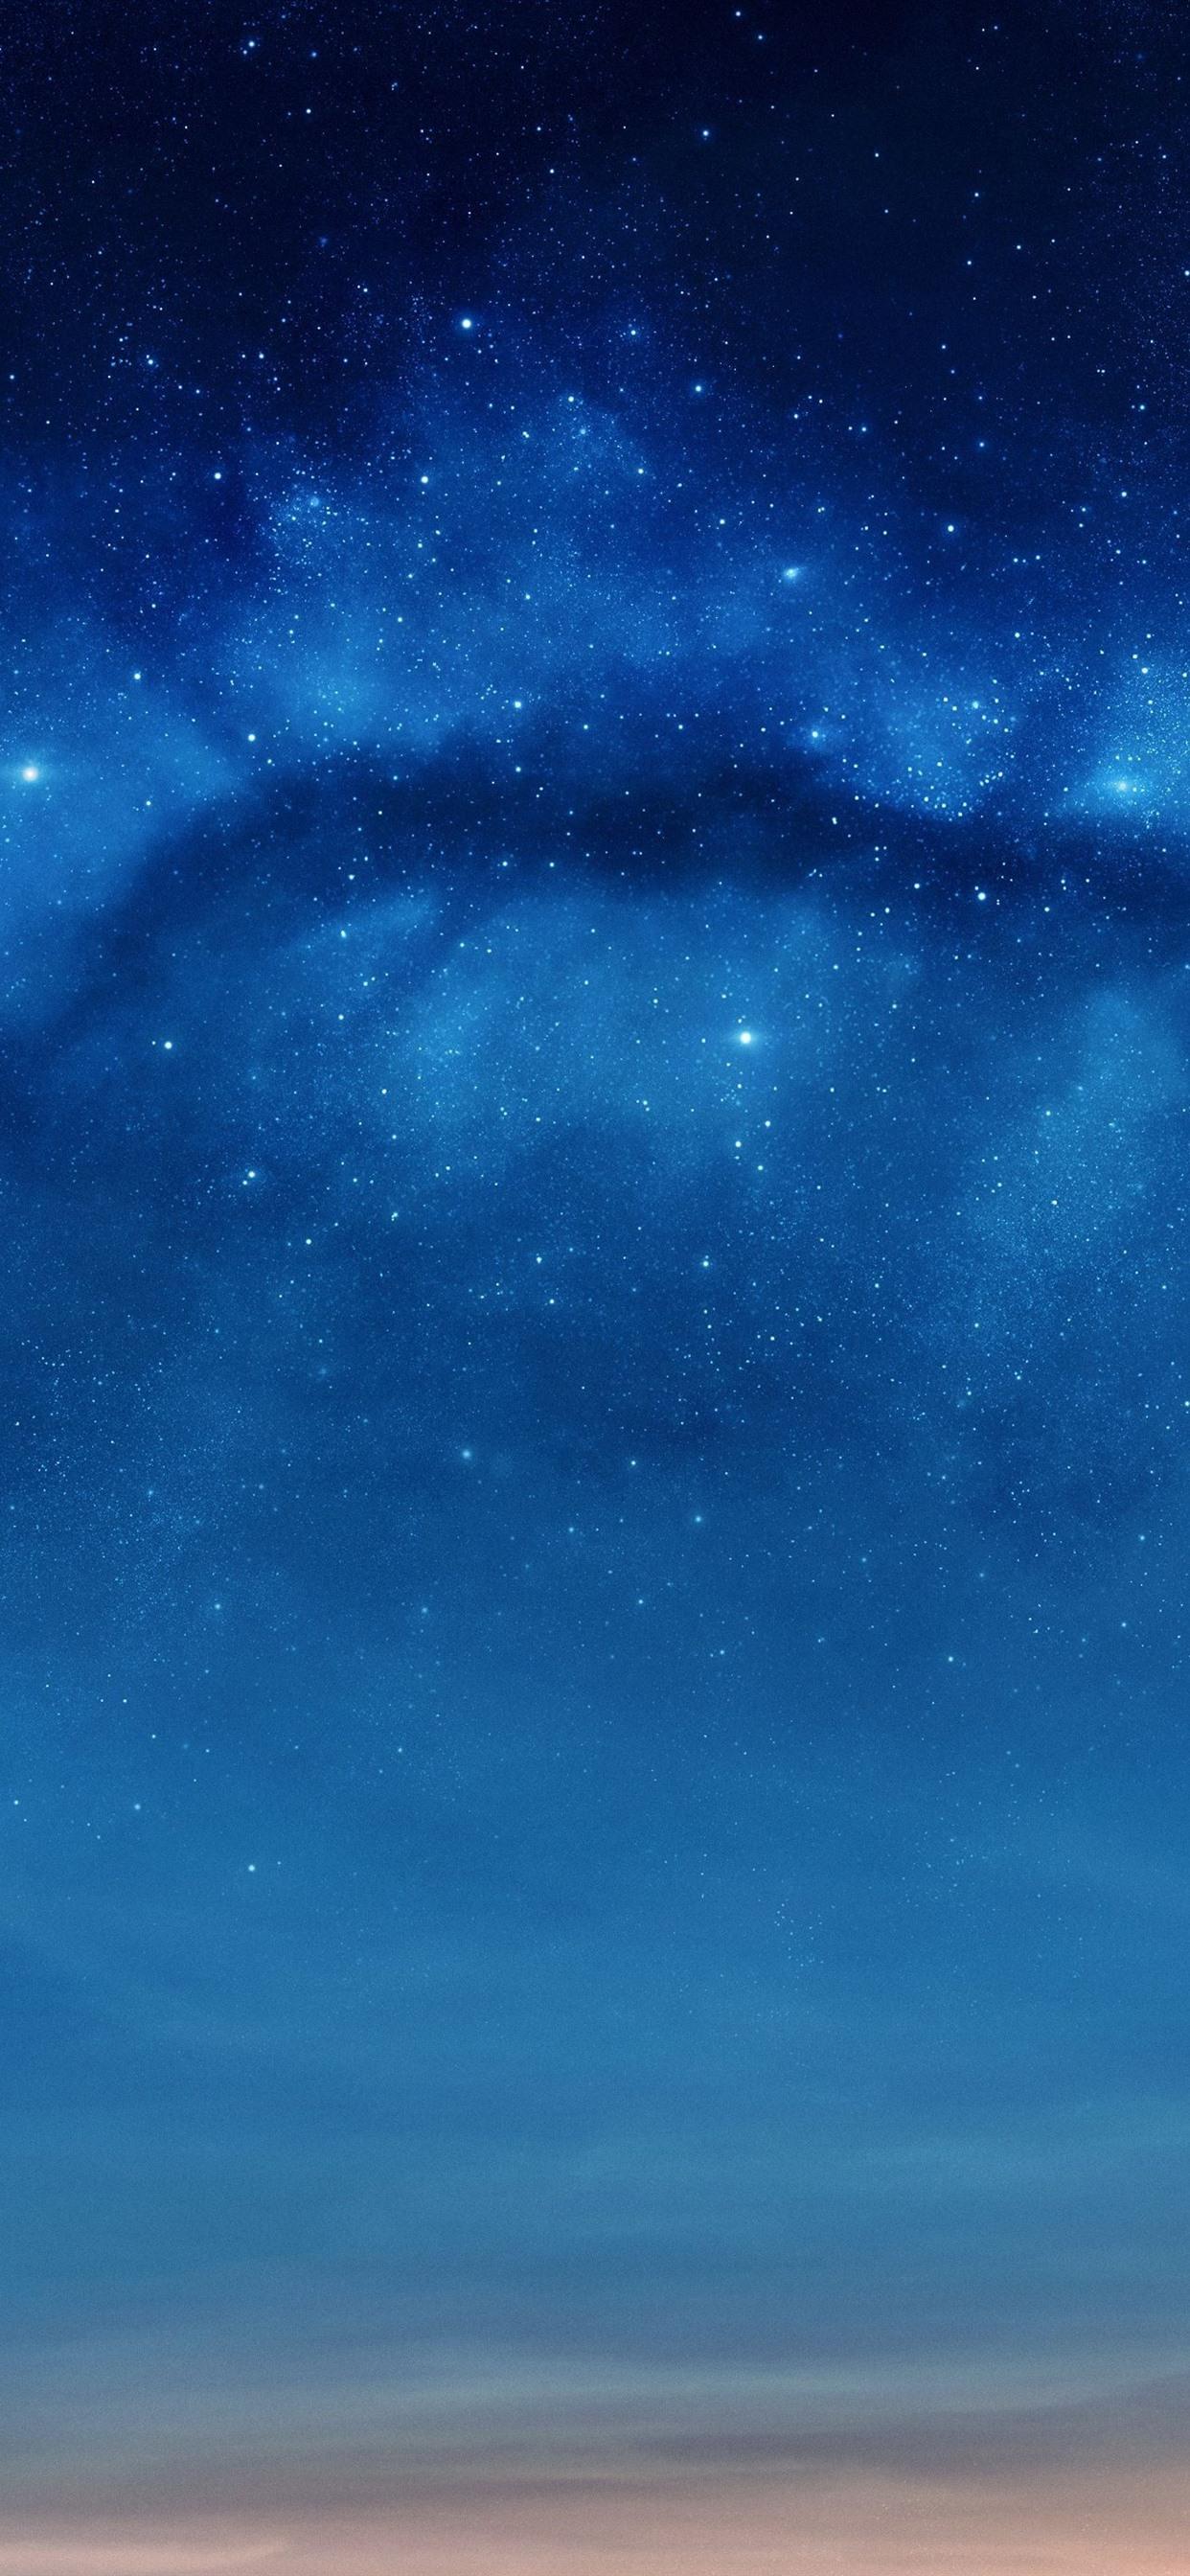 Fonds Décran étoiles Ciel Bleu Nuit 1242x2688 Iphone Xs